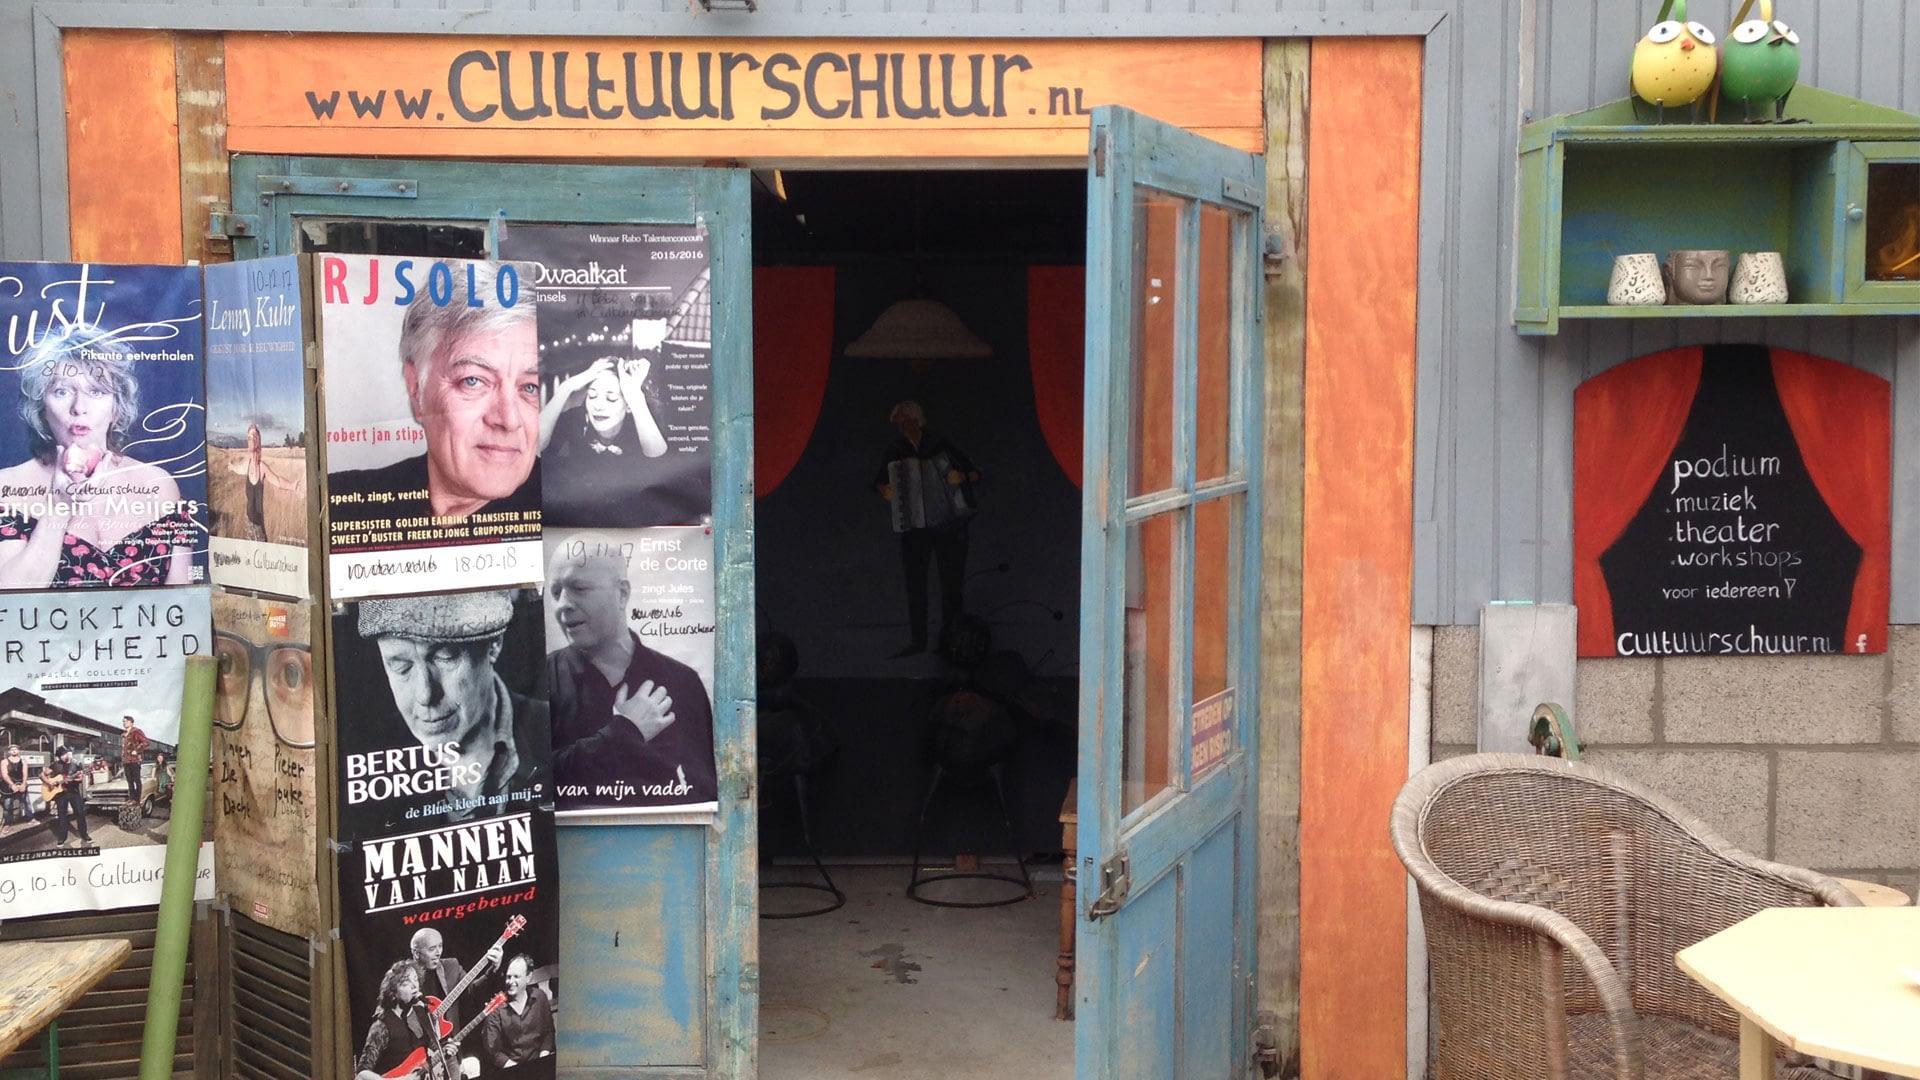 Houten deur beplakt met poster van artiesten is de toegang tot de Cultuurschuur in het Westland